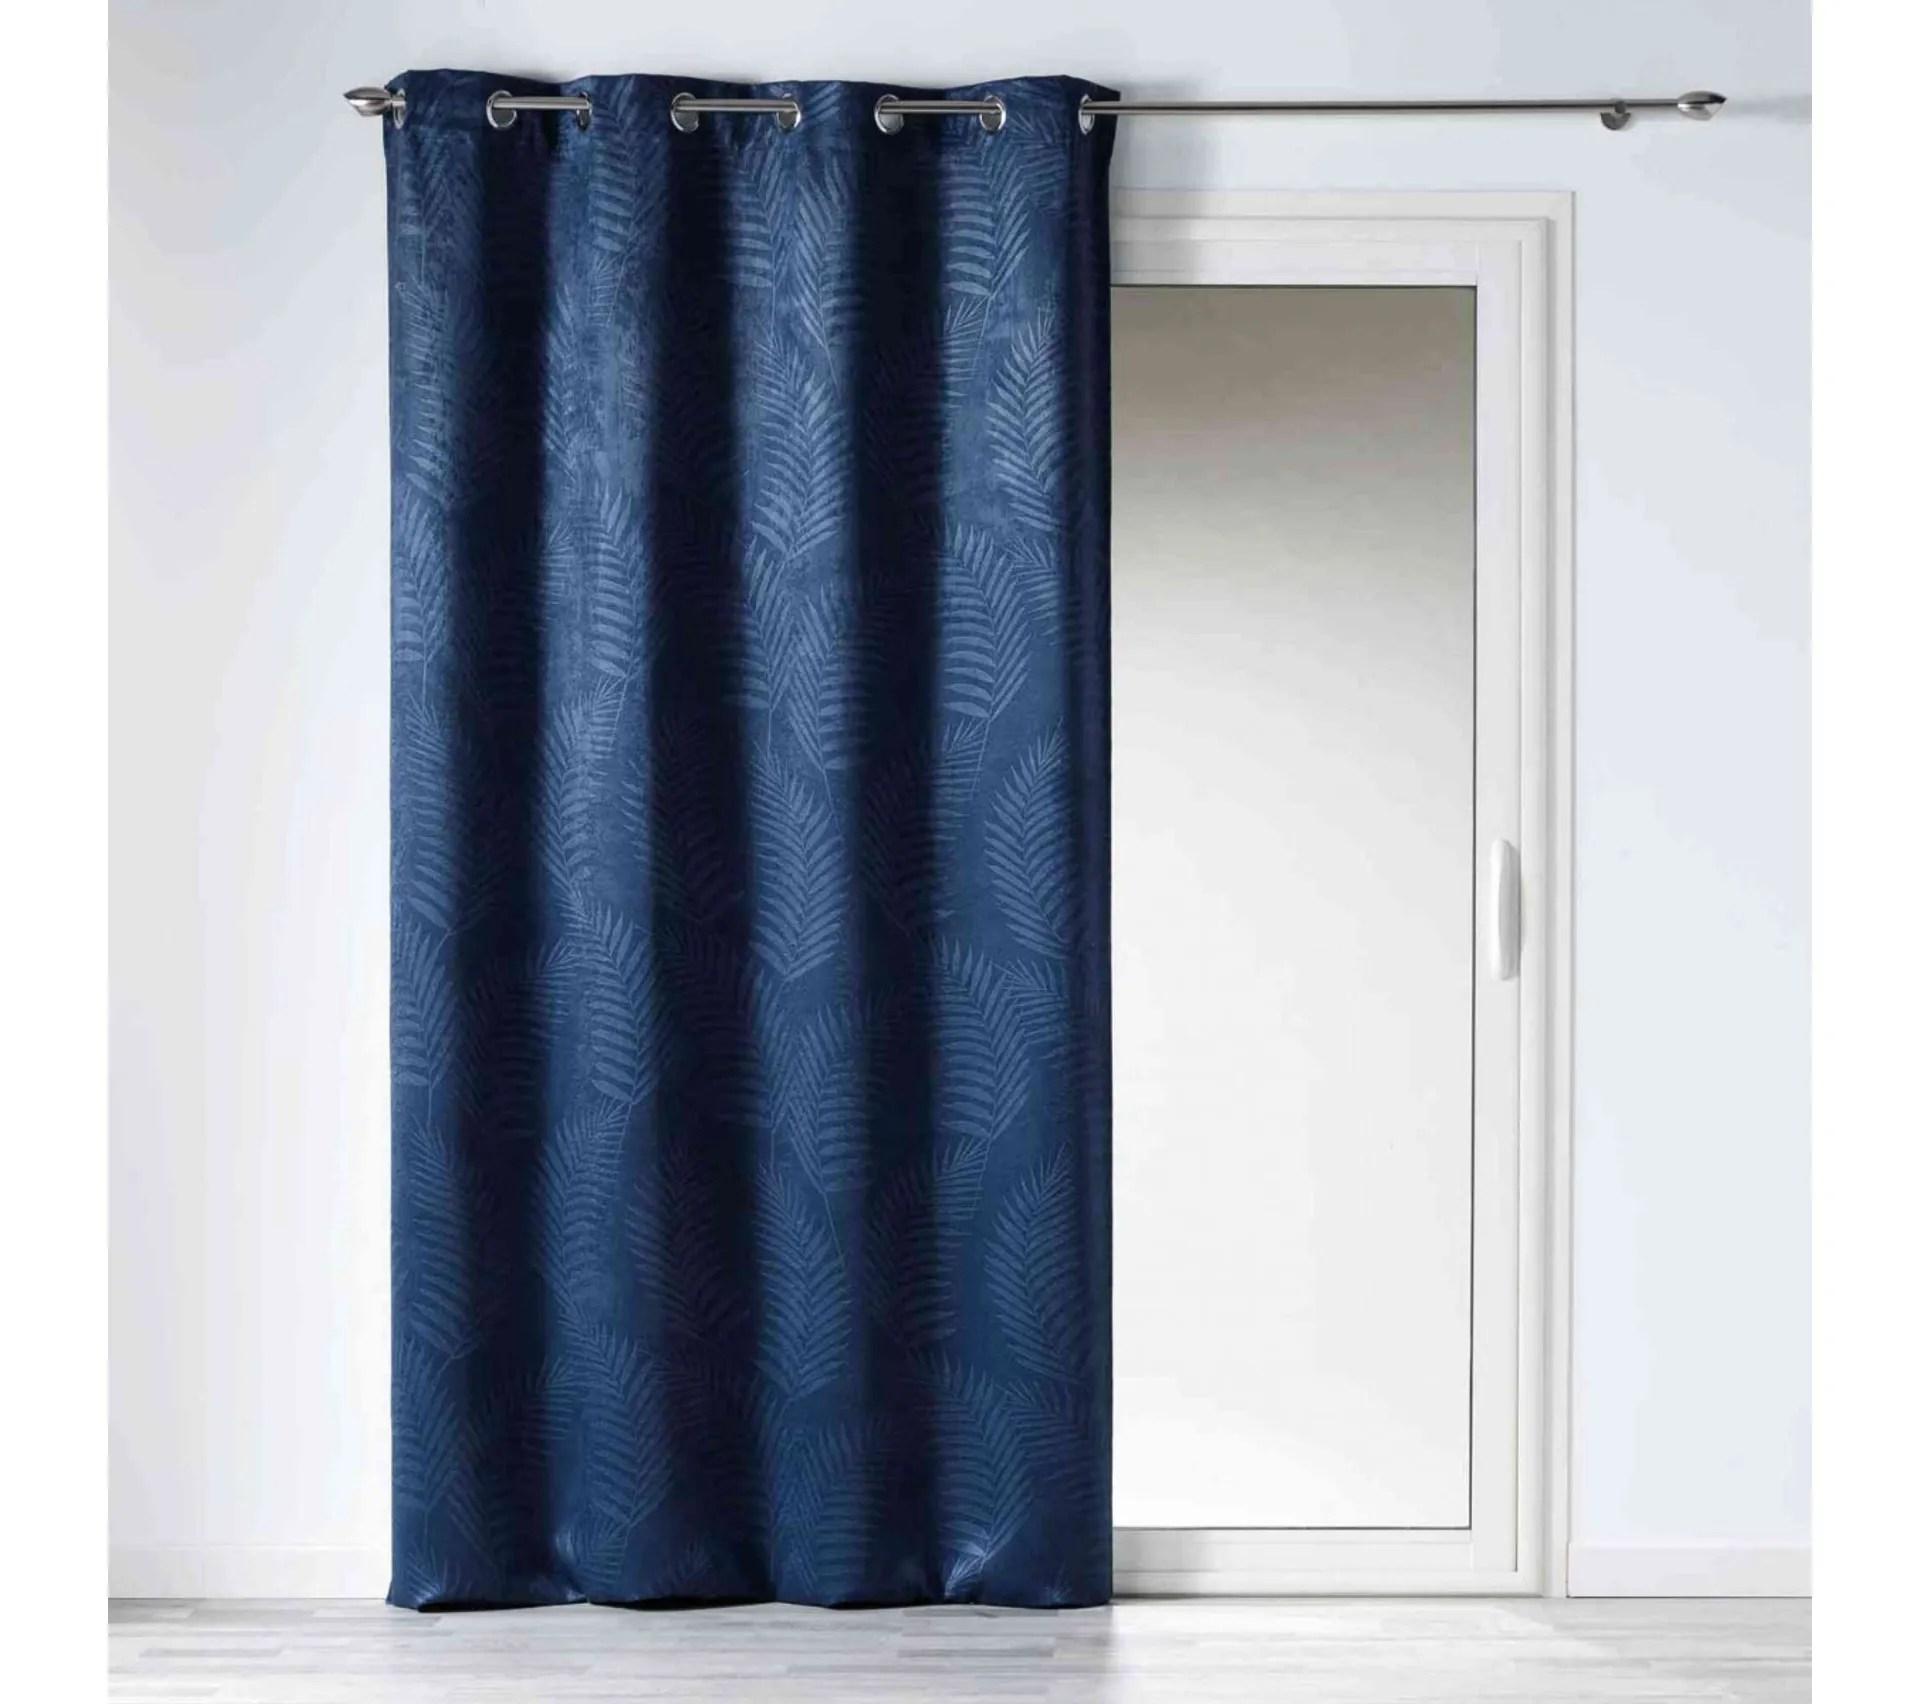 rideau occultant velours tropicaline bleu indigo 140x240 cm